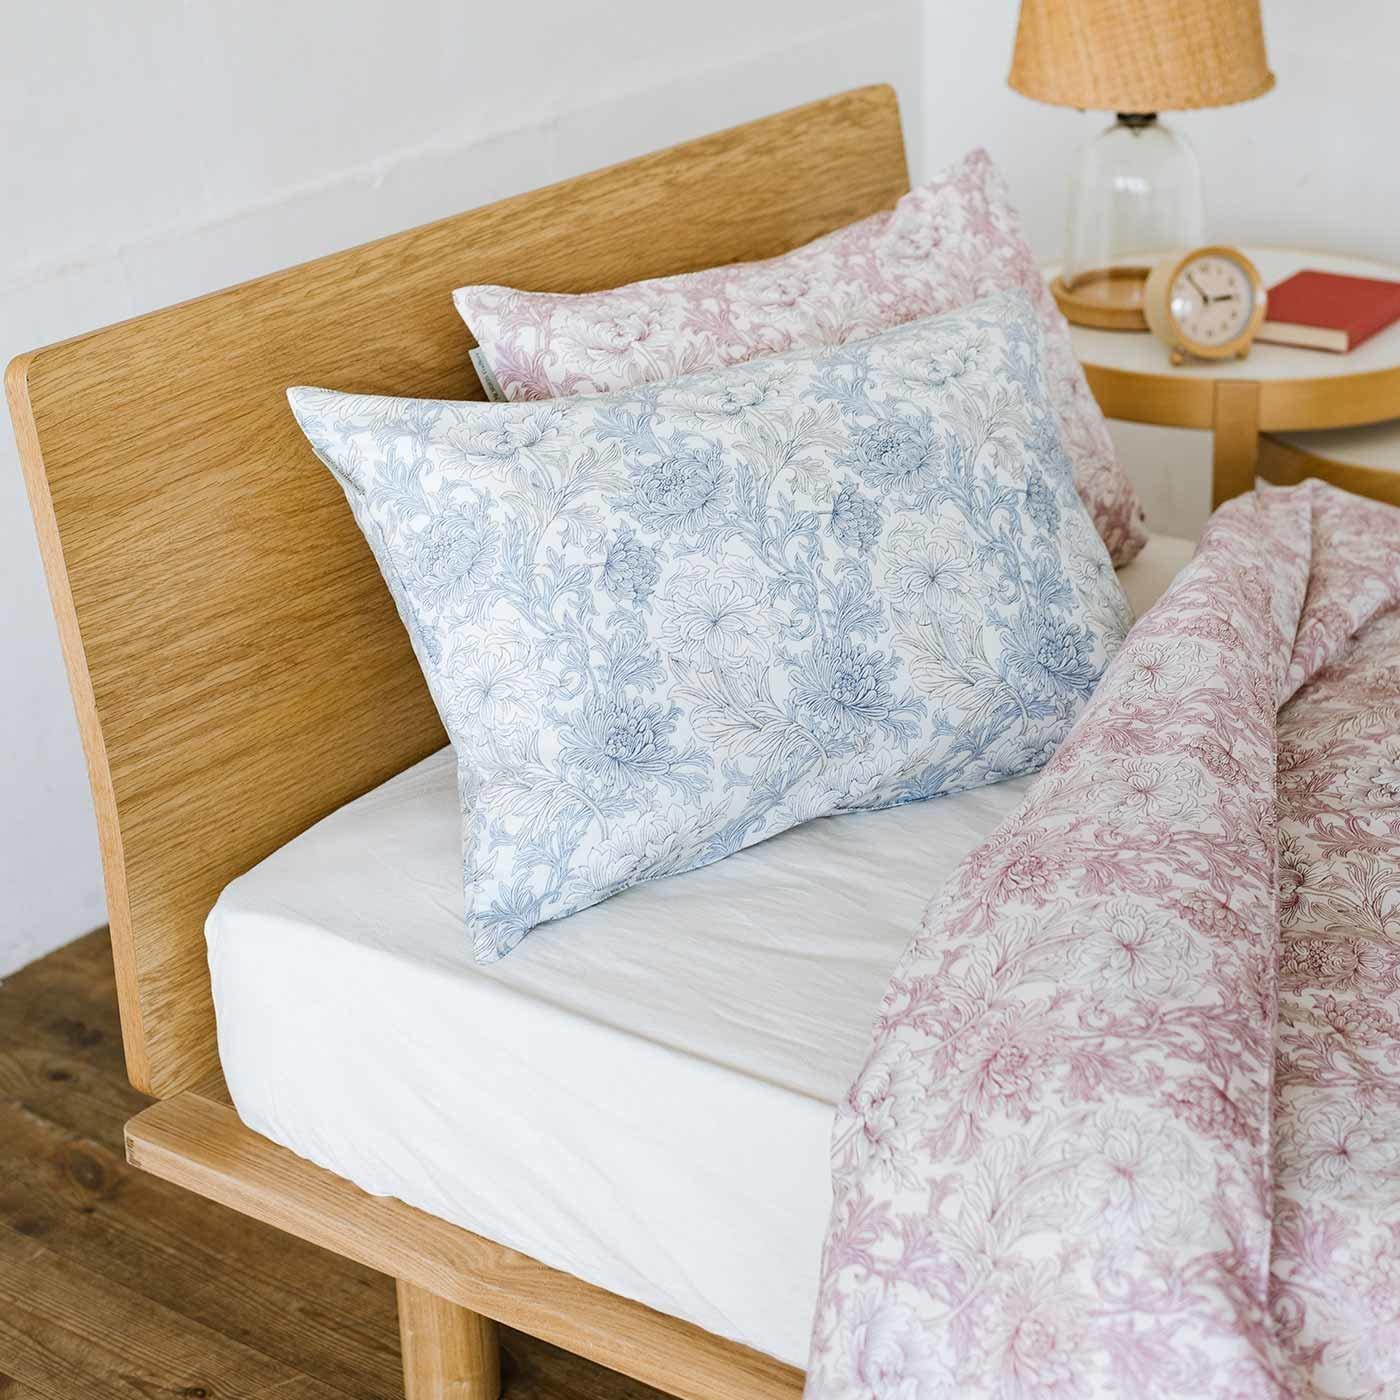 ピュアモリス 優美な花に包まれて眠る 綿100%枕カバー ピュアクリサンセマムトワル